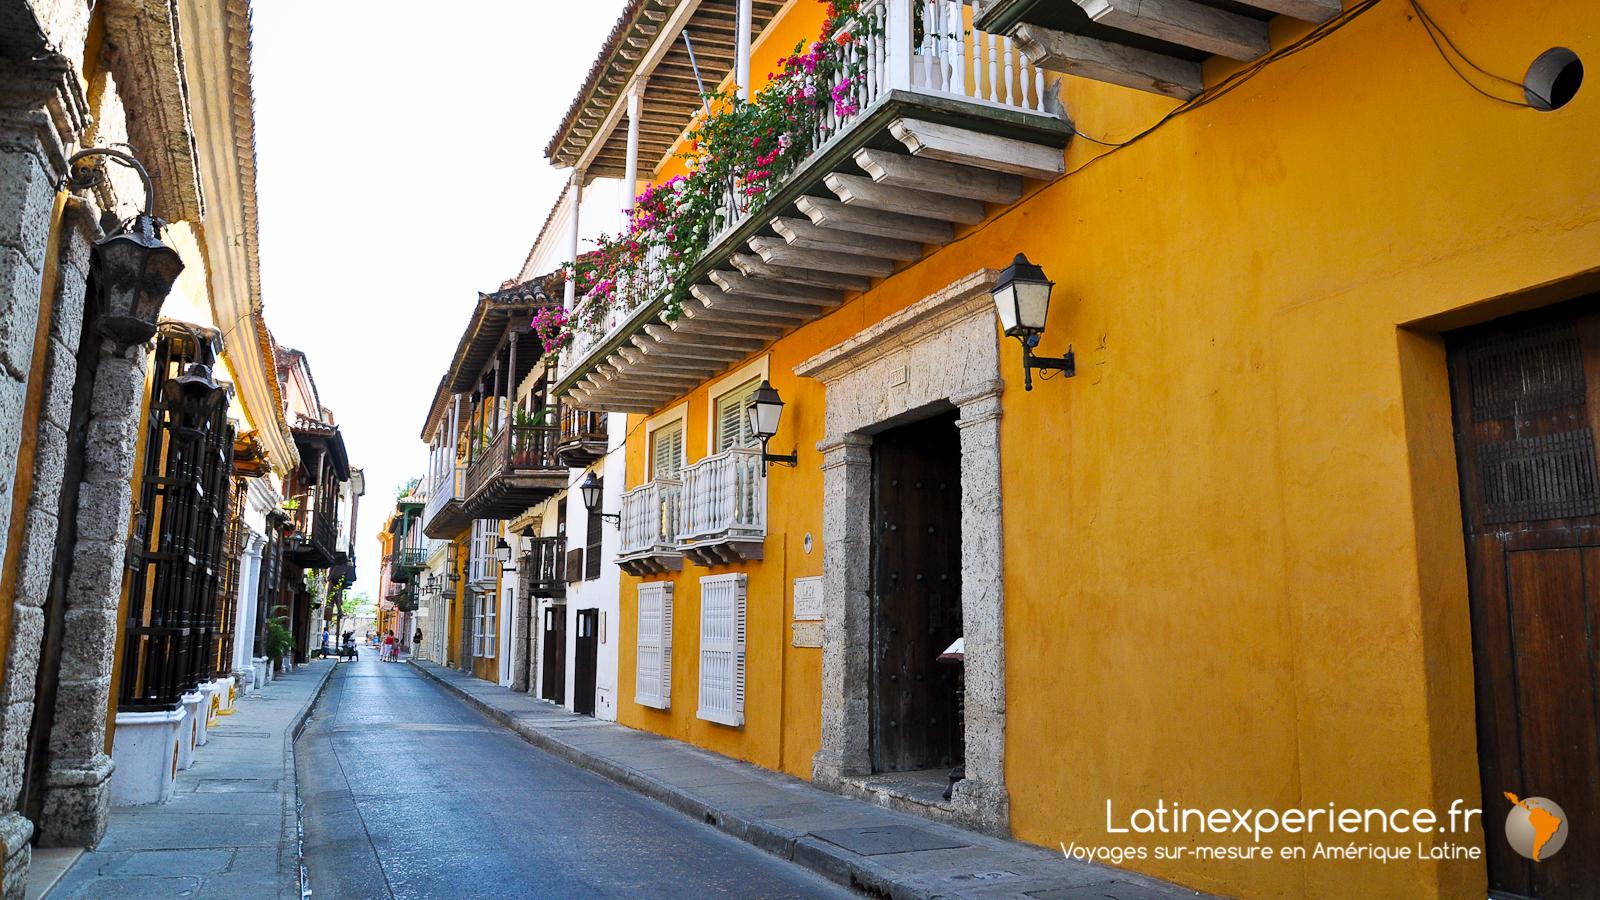 Colombie - Carthagène - Quand Partir - Latinexperience voyages